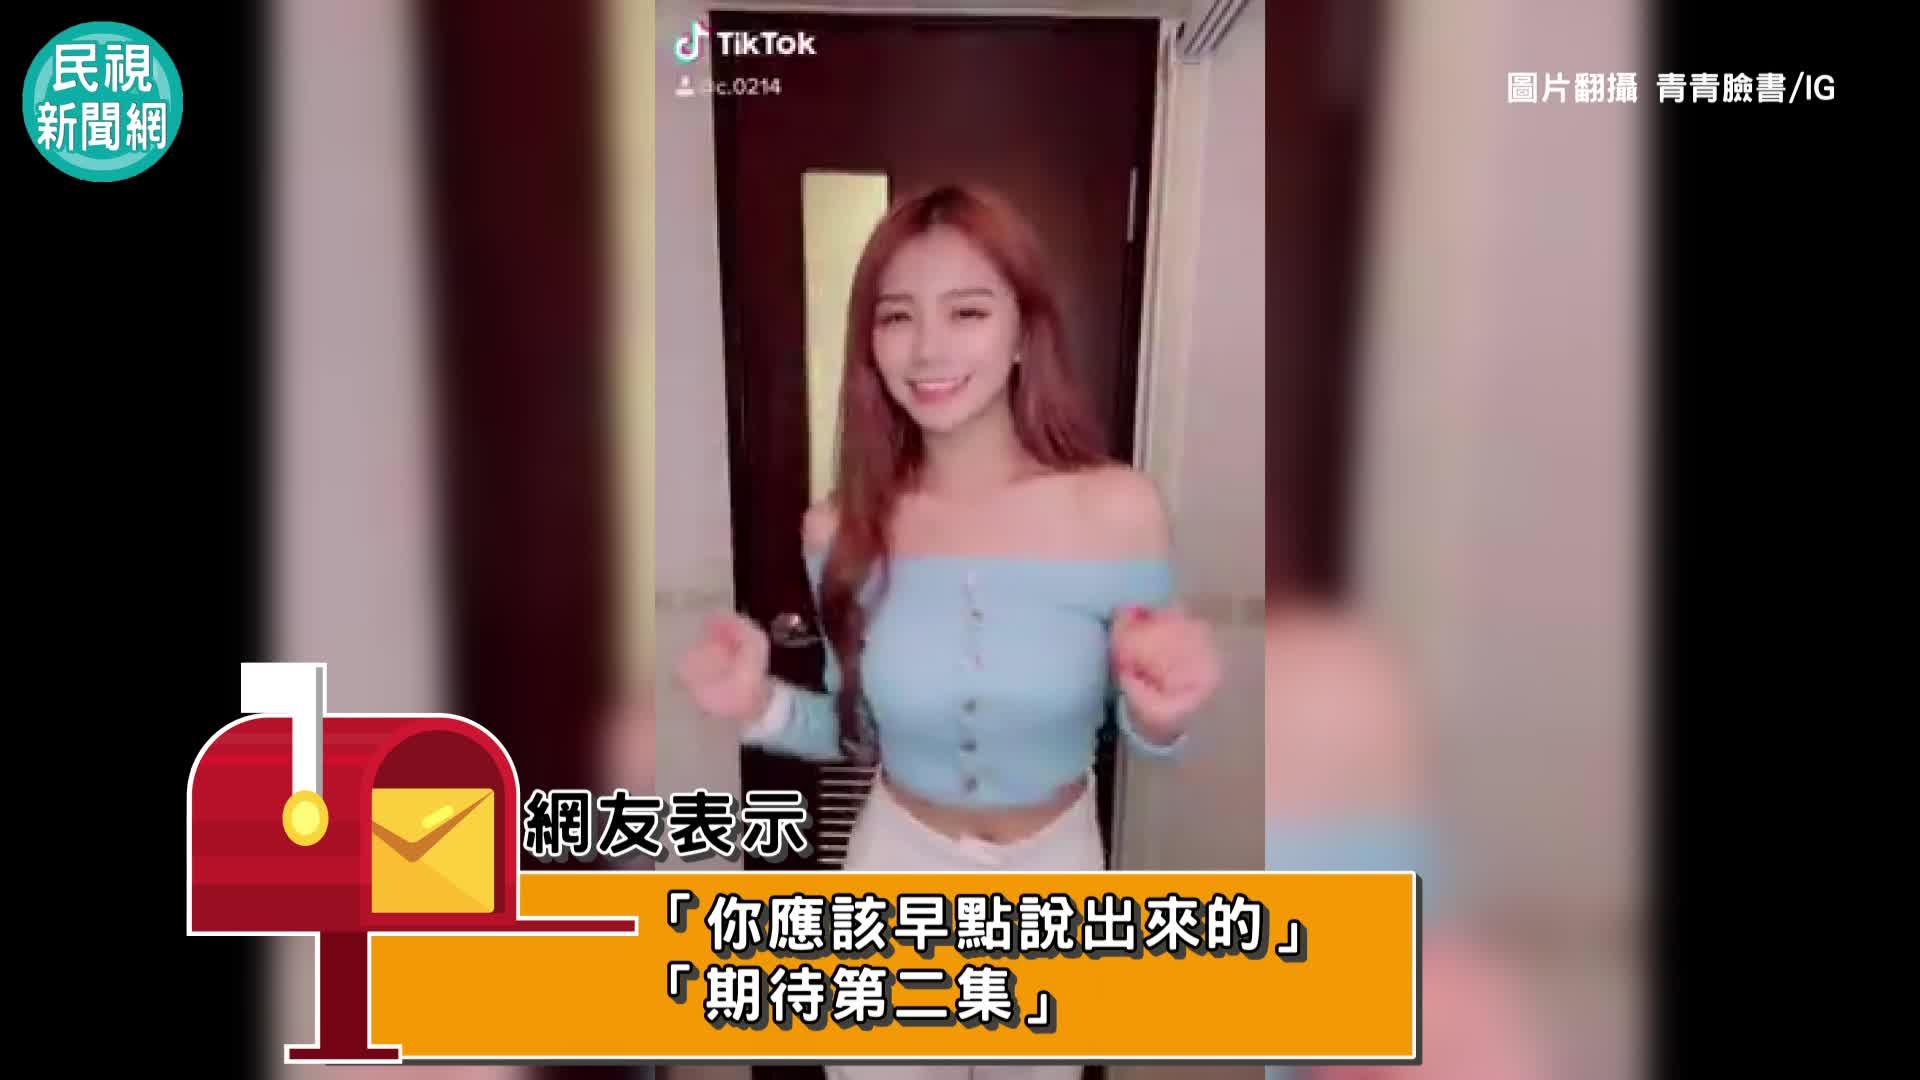 青青自爆「放火遭仙人跳」內幕 1700字曝渣男行為